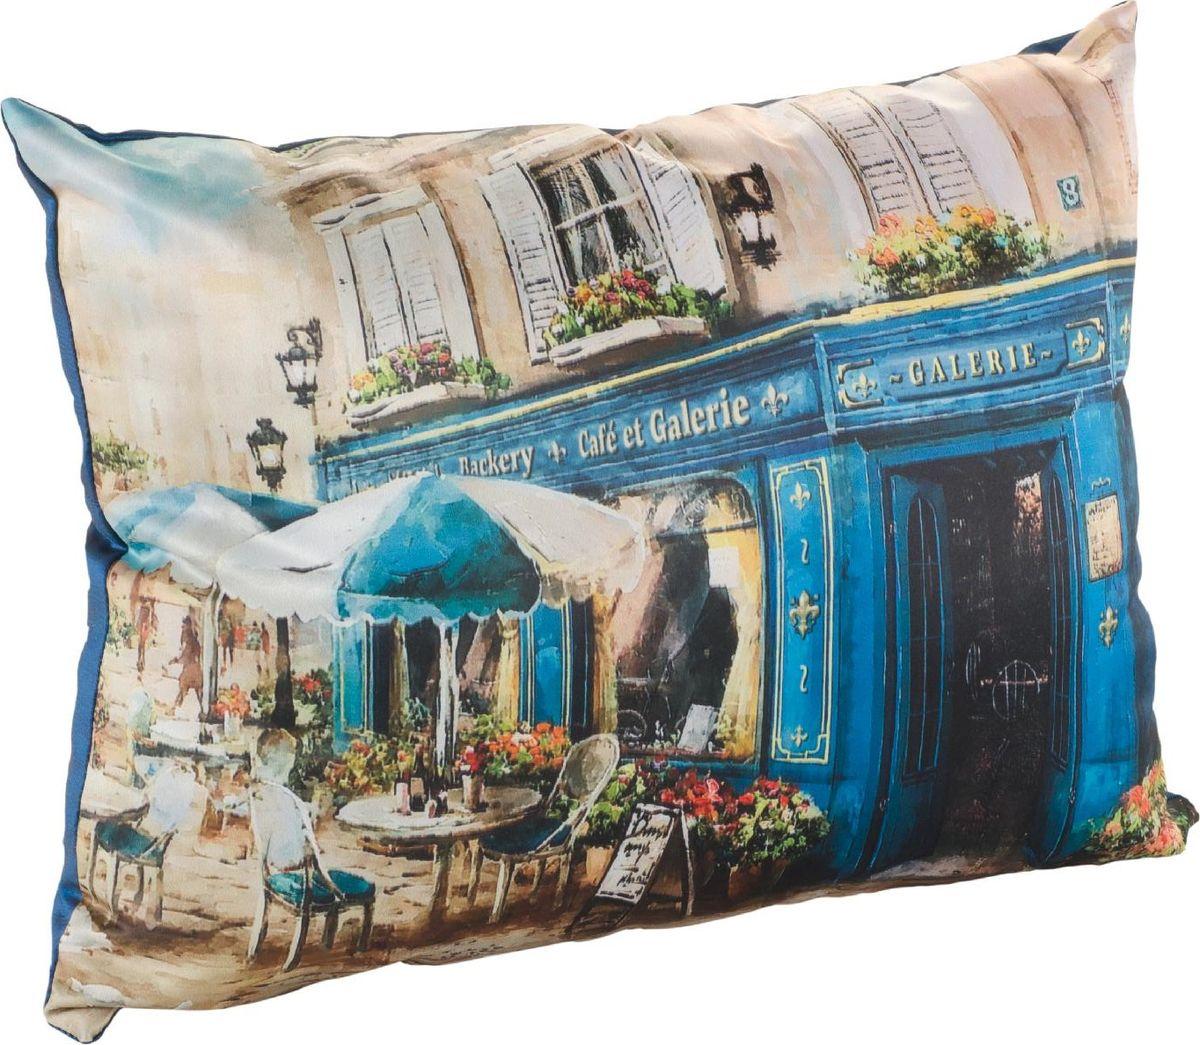 Подушка декоративная GiftnHome Завтрак в Париже, 30 х 40 смPLW-35 Paris BreakПодушка декоративная Завтрак в Париже, 30х40 материал: Атлас, (искусственный шелк). Наволочка на молнии + подушка с синтетическим наполнителем.